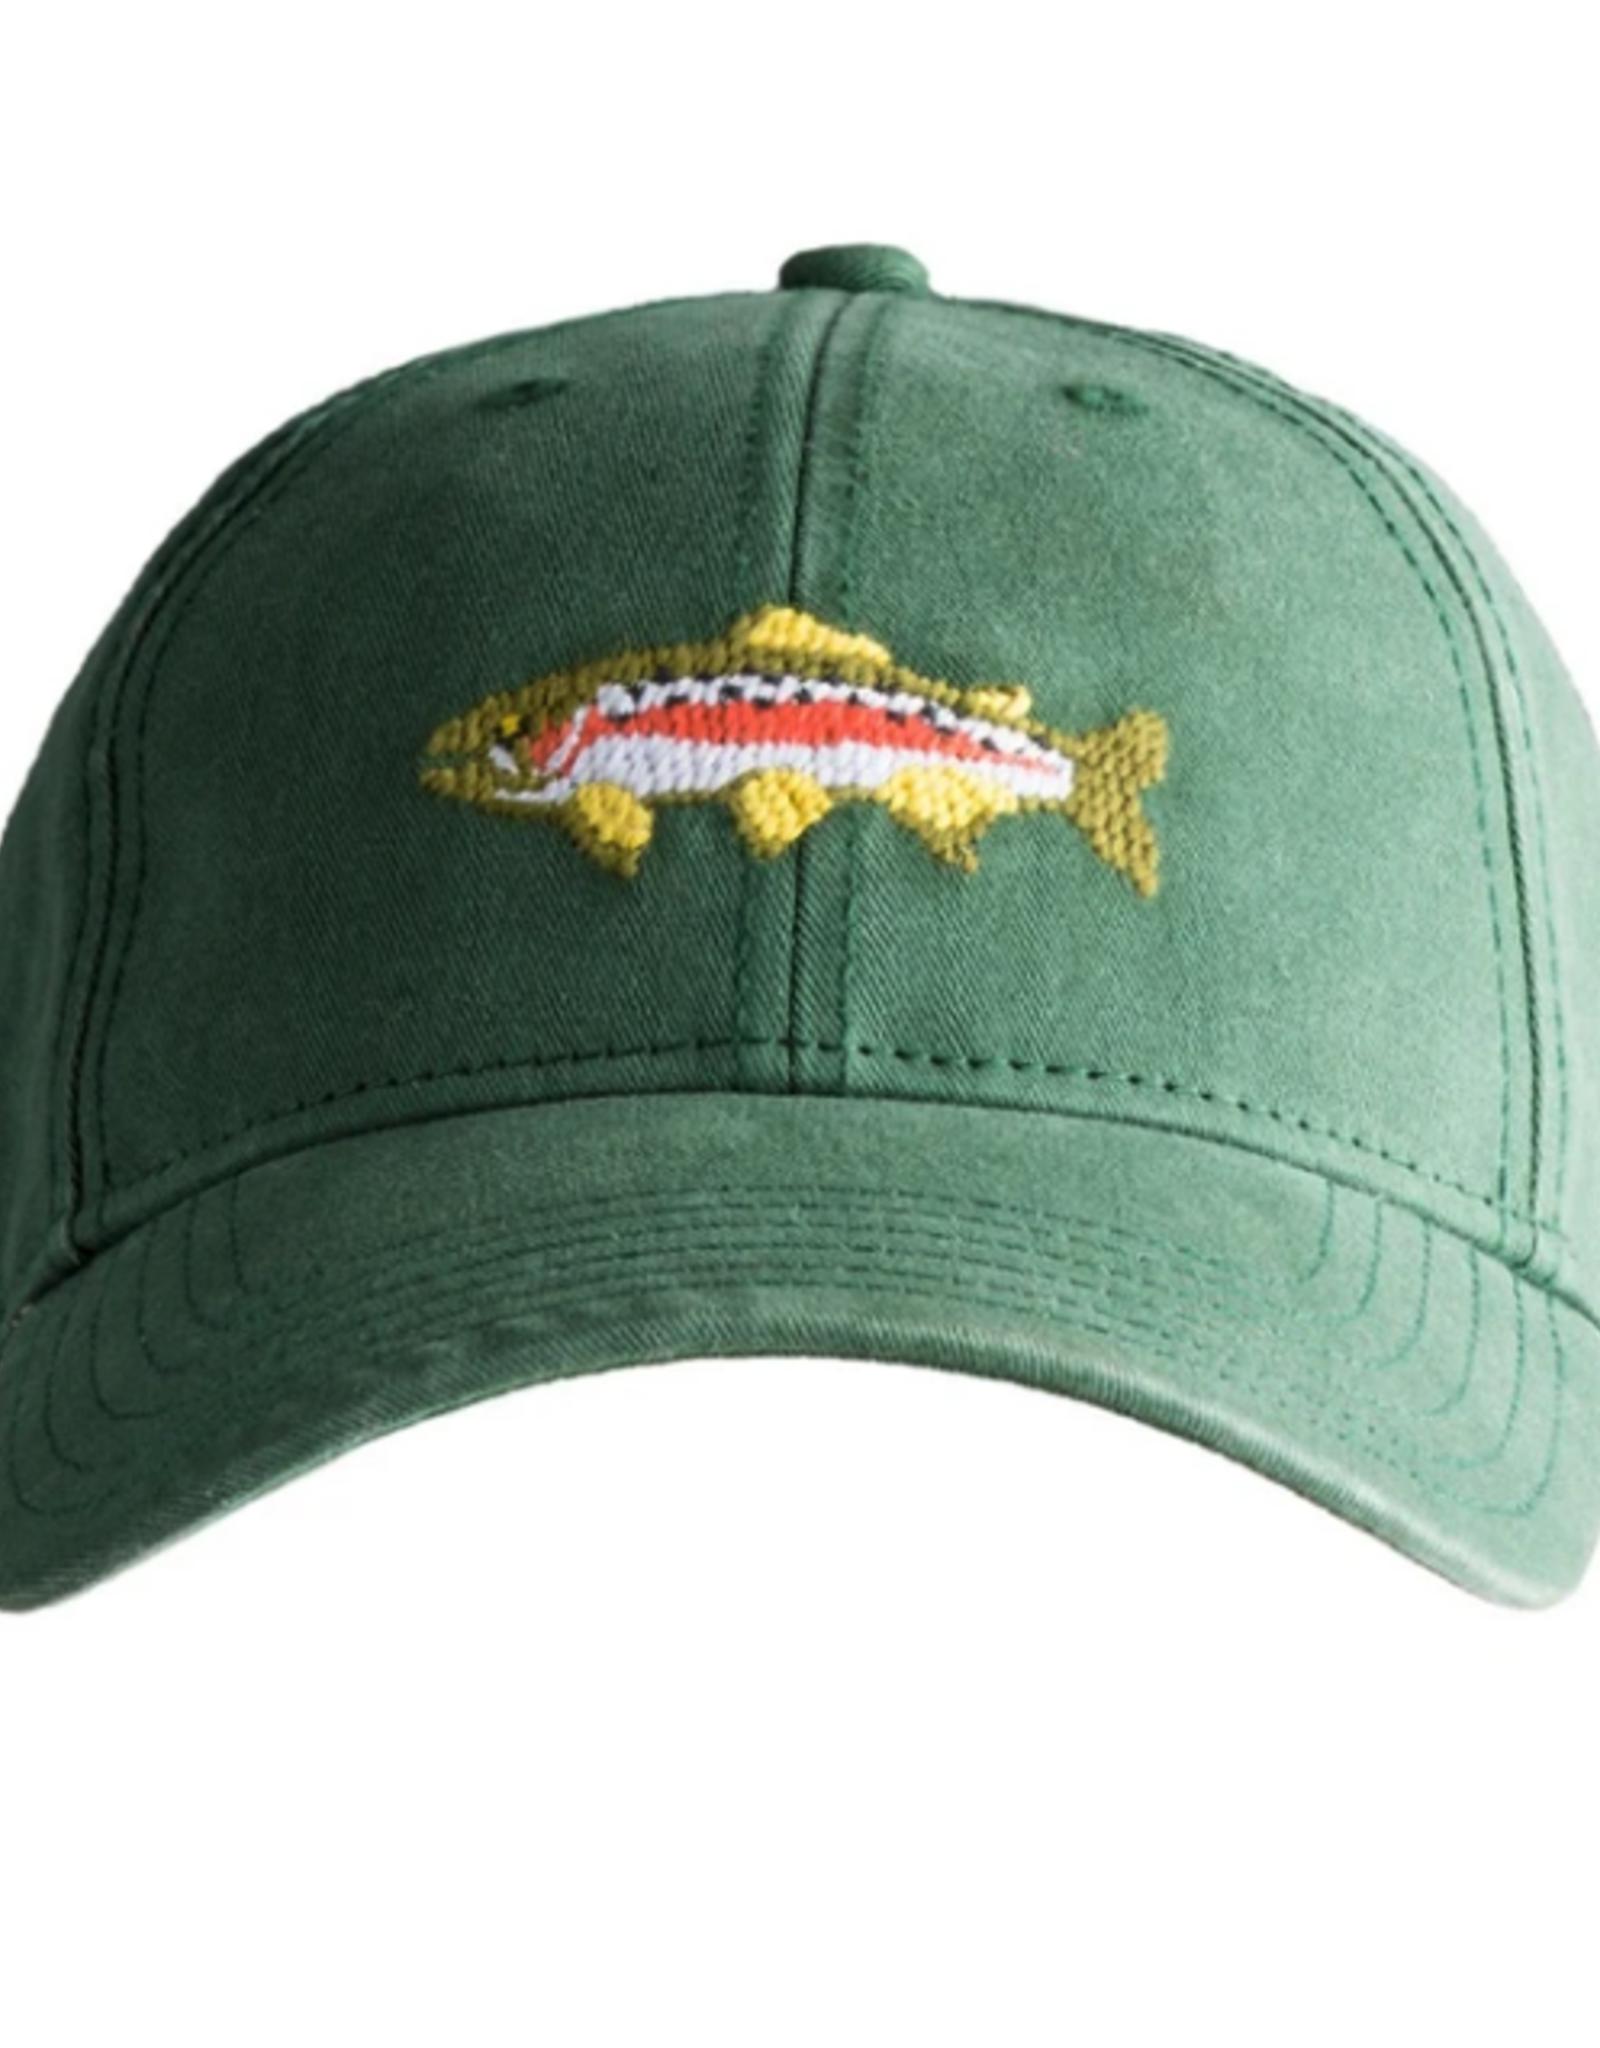 Harding Lane Harding Lane - Trout on Moss Green Adult Hat